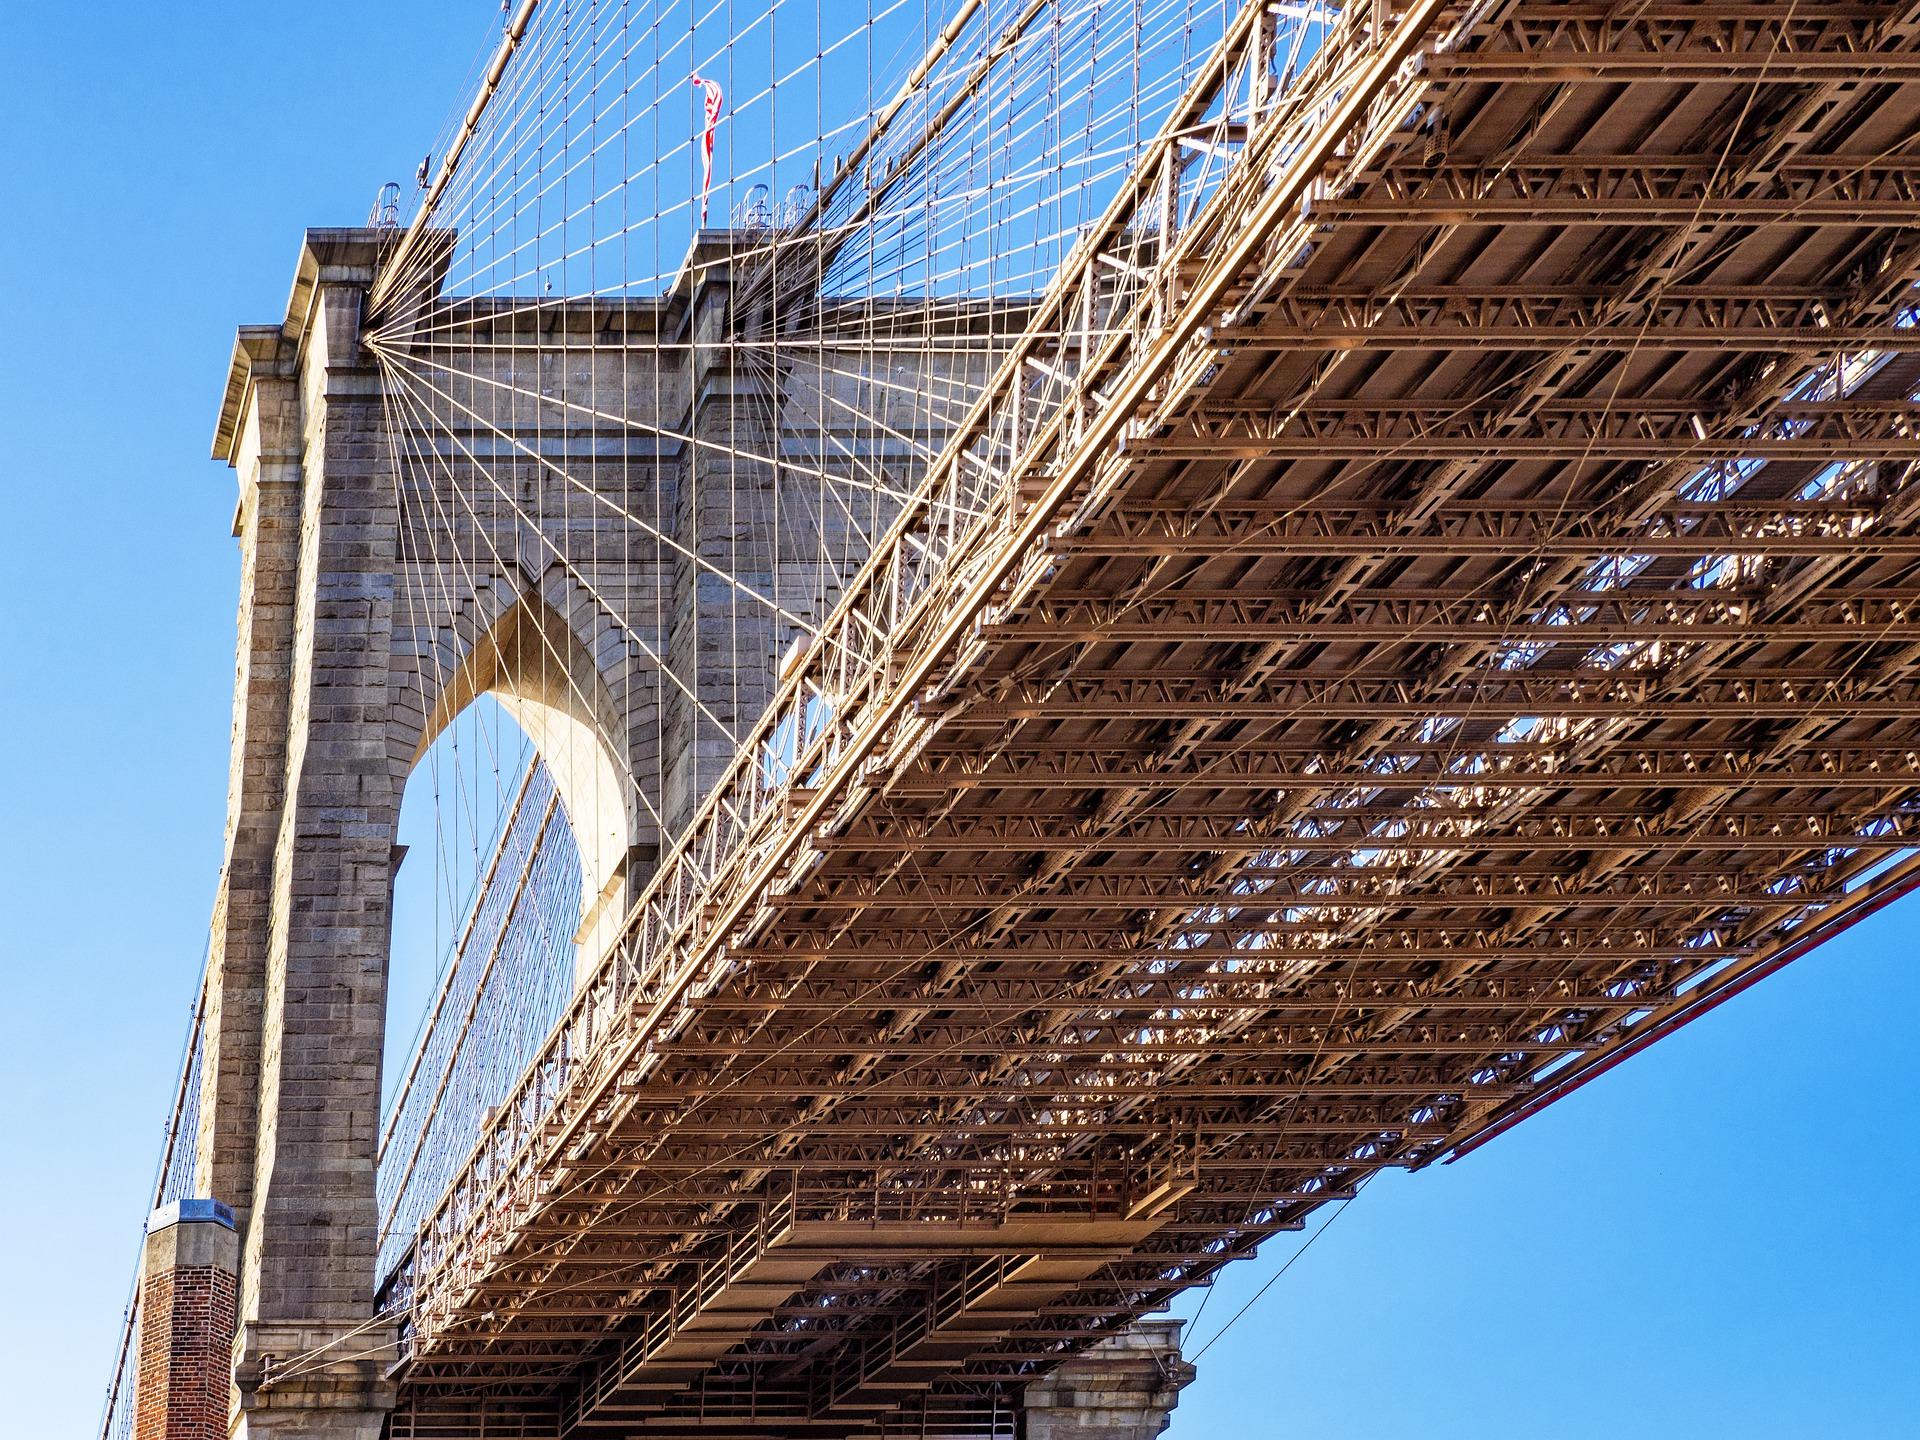 TON Bridge